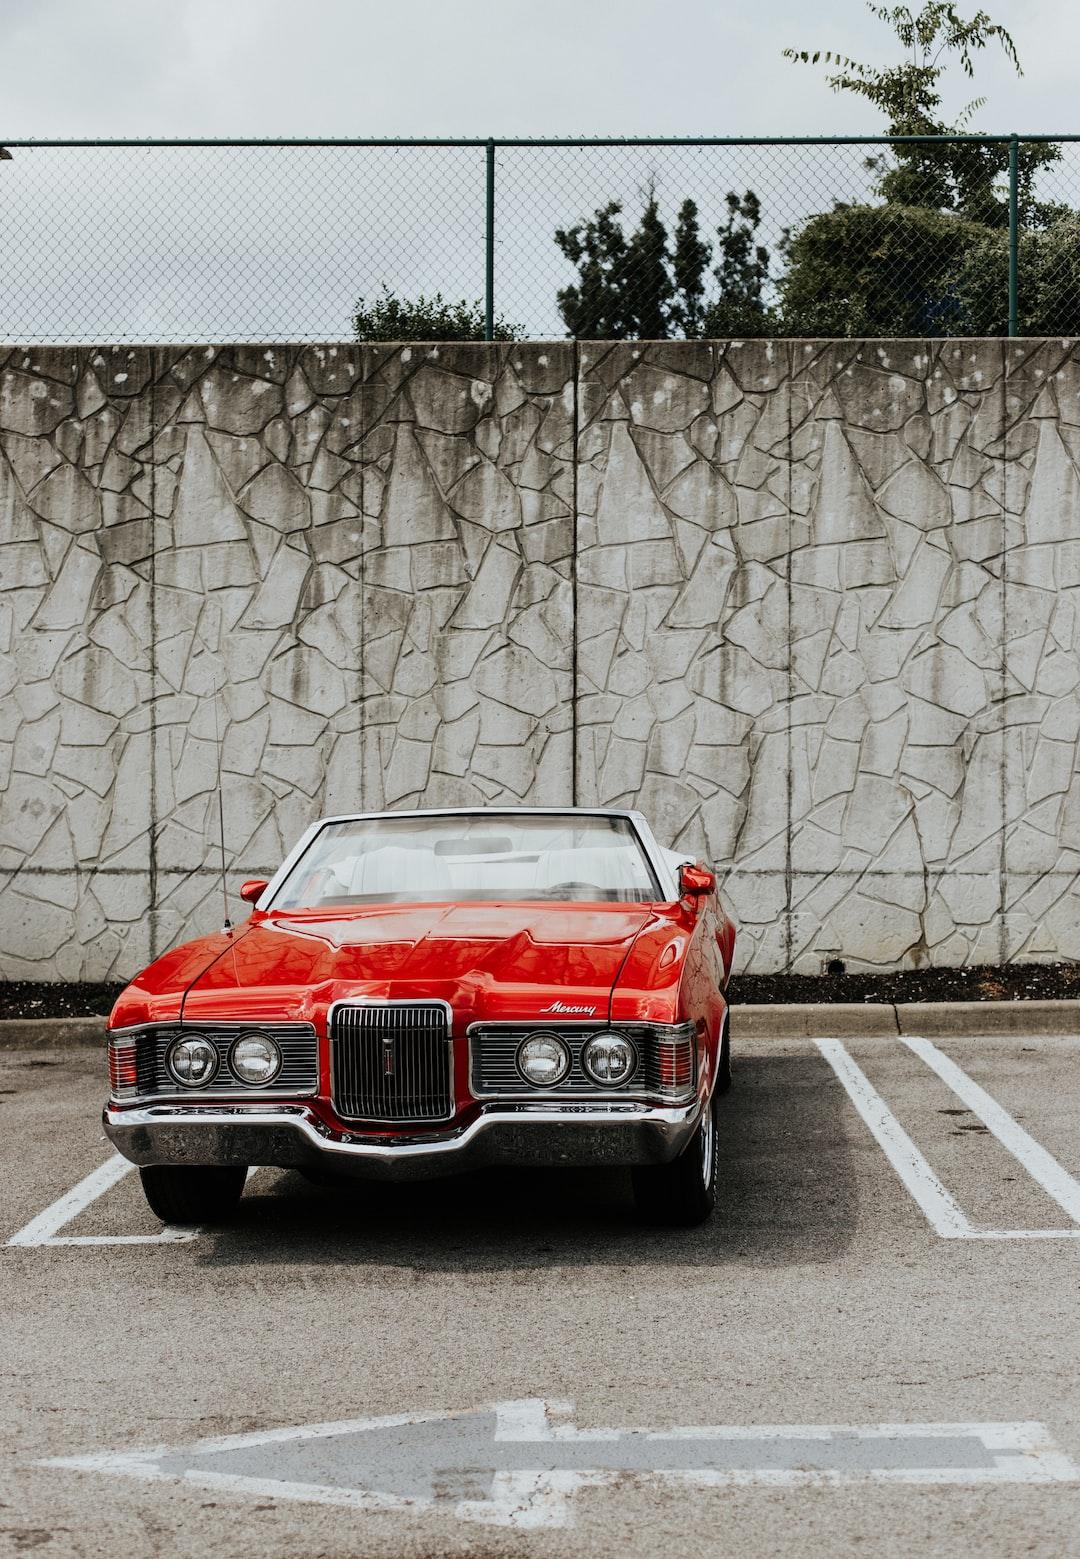 Baby, let's go ride in my Mercury Cougar.